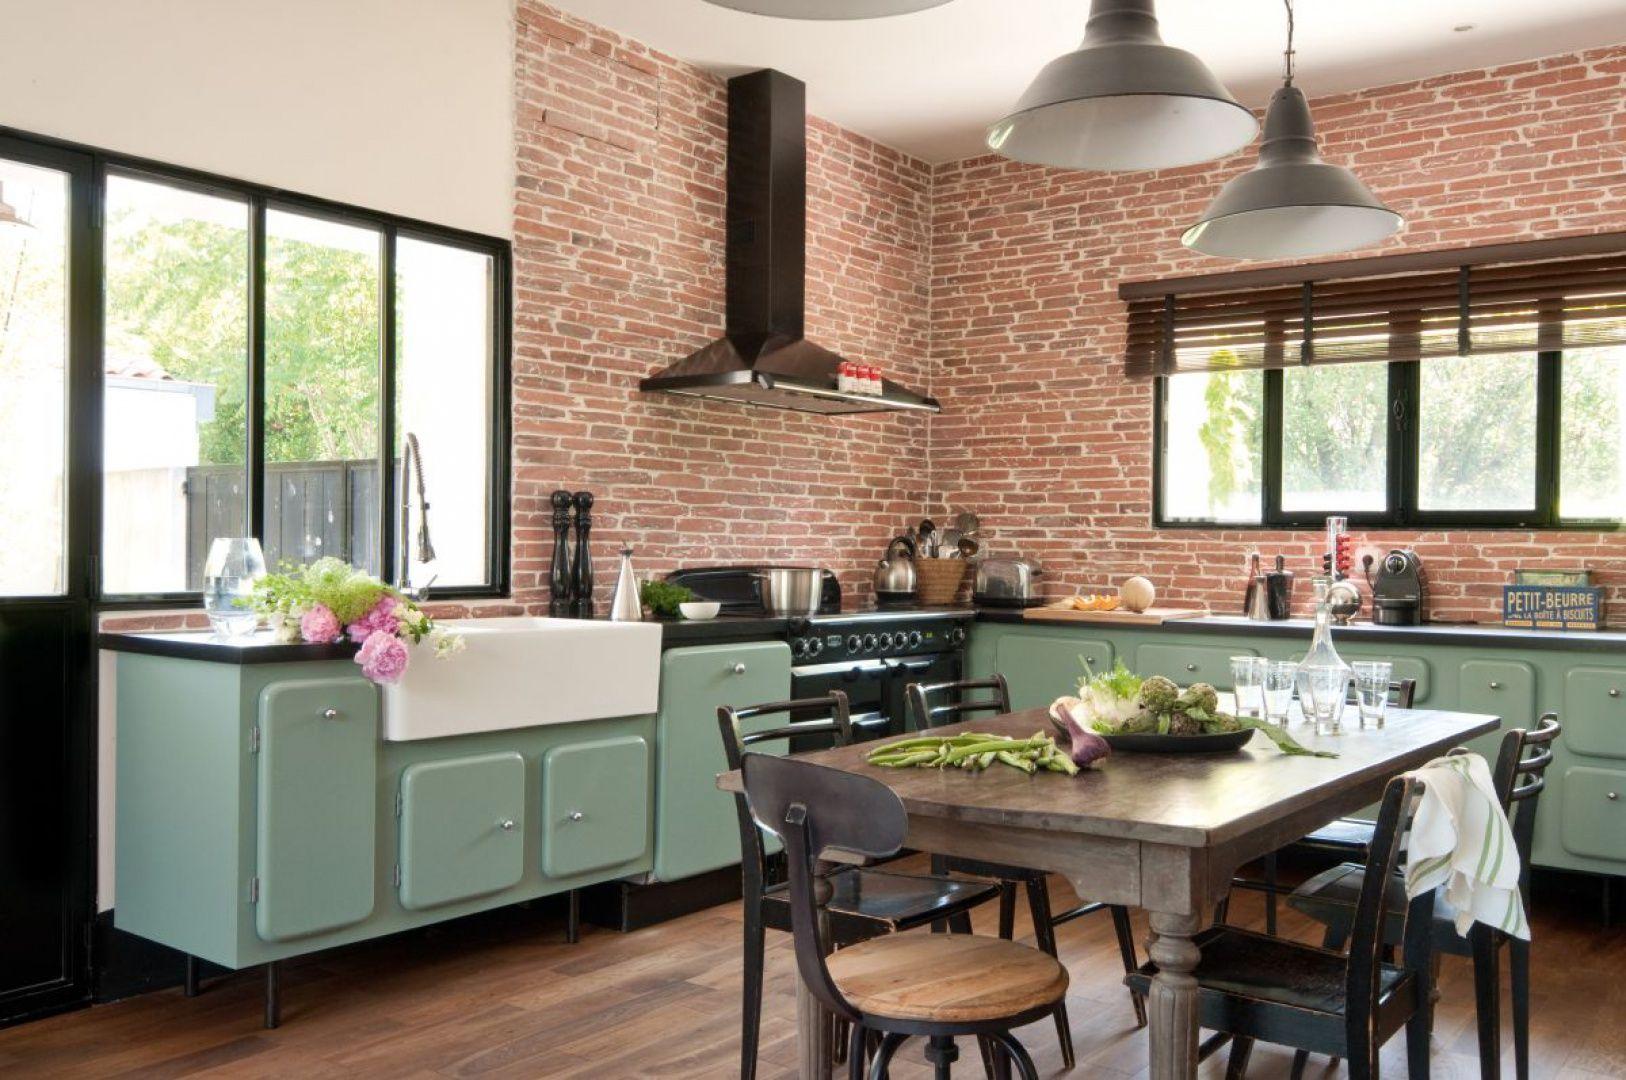 Kuchnie W Stylu Retro Lubia Kolorowe Akcenty Tutaj Mietowe Meble Na Czarnych Nozkach Swietnie Wpasowuja Sie W Aranzacje Ukoronowa Brick Kitchen Kitchen Retro